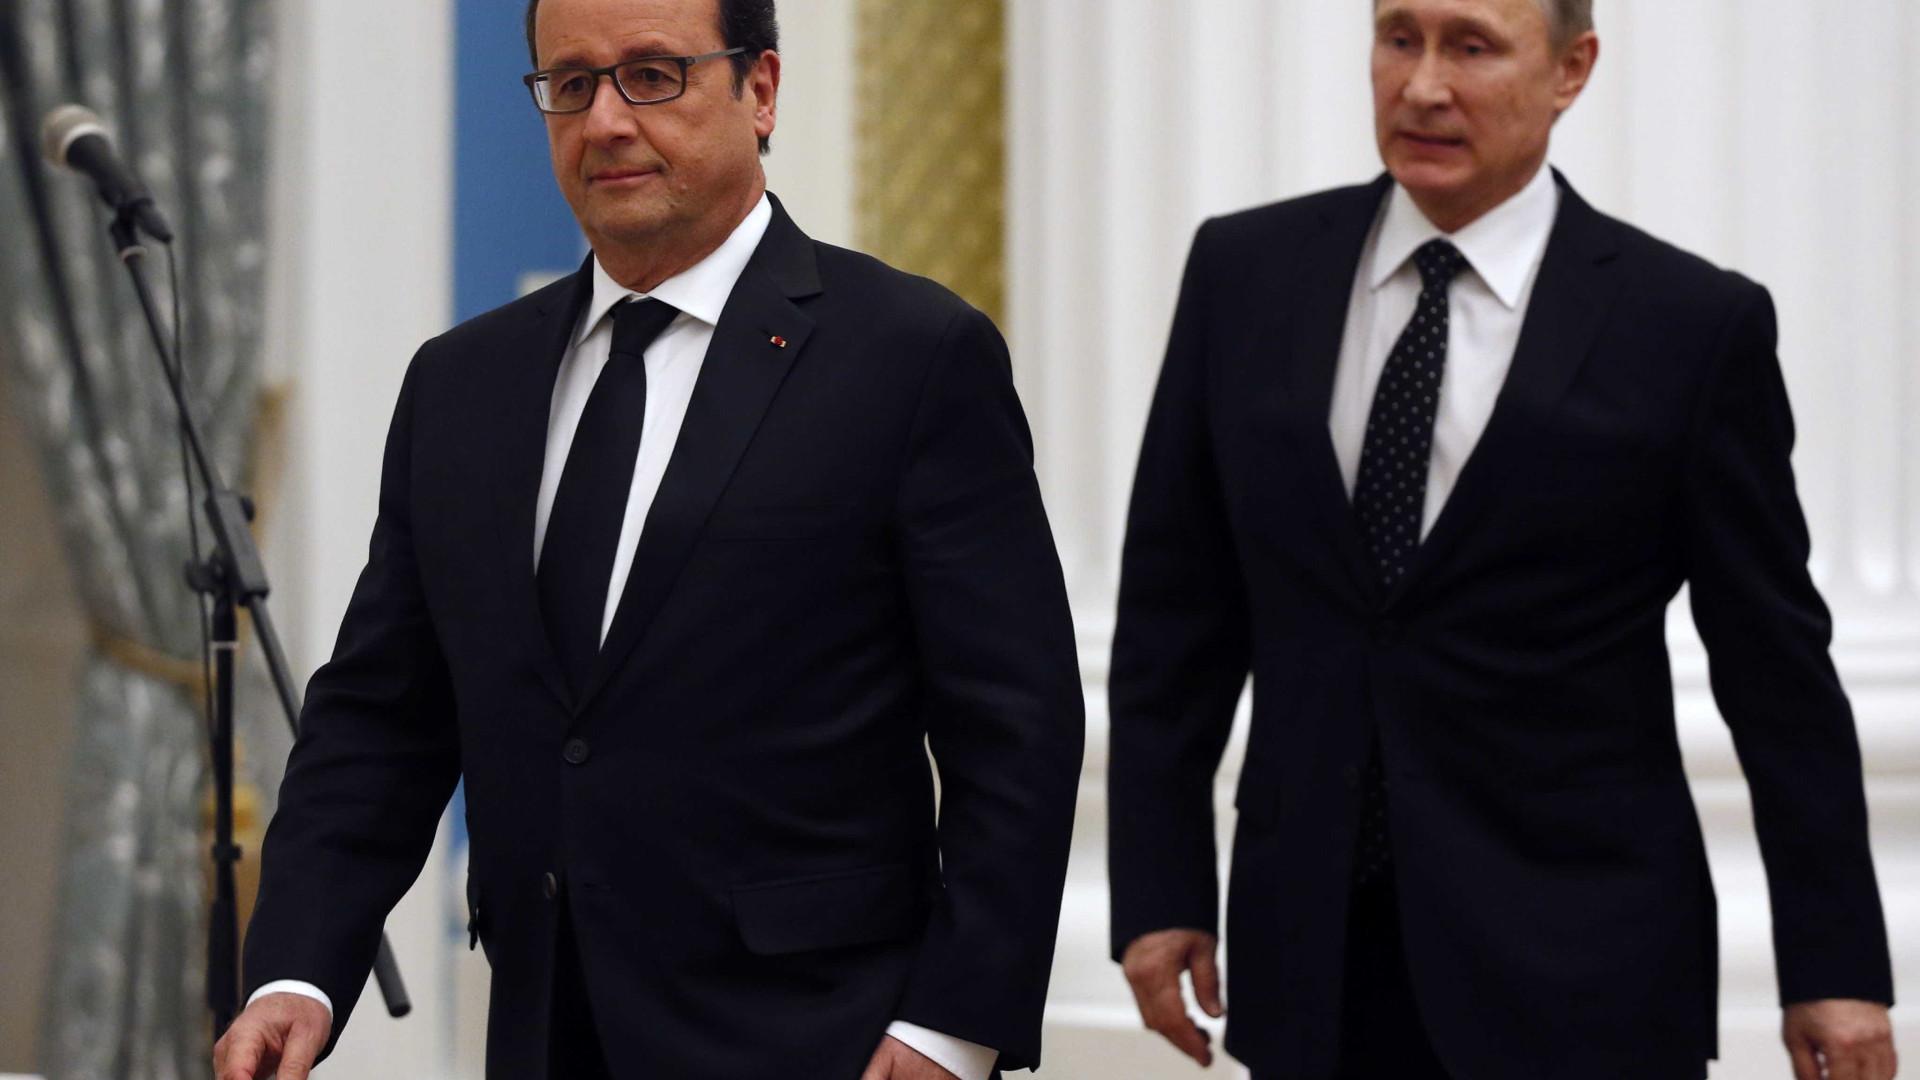 Líderes de França, Alemanha e Rússia em encontro sobre a Síria